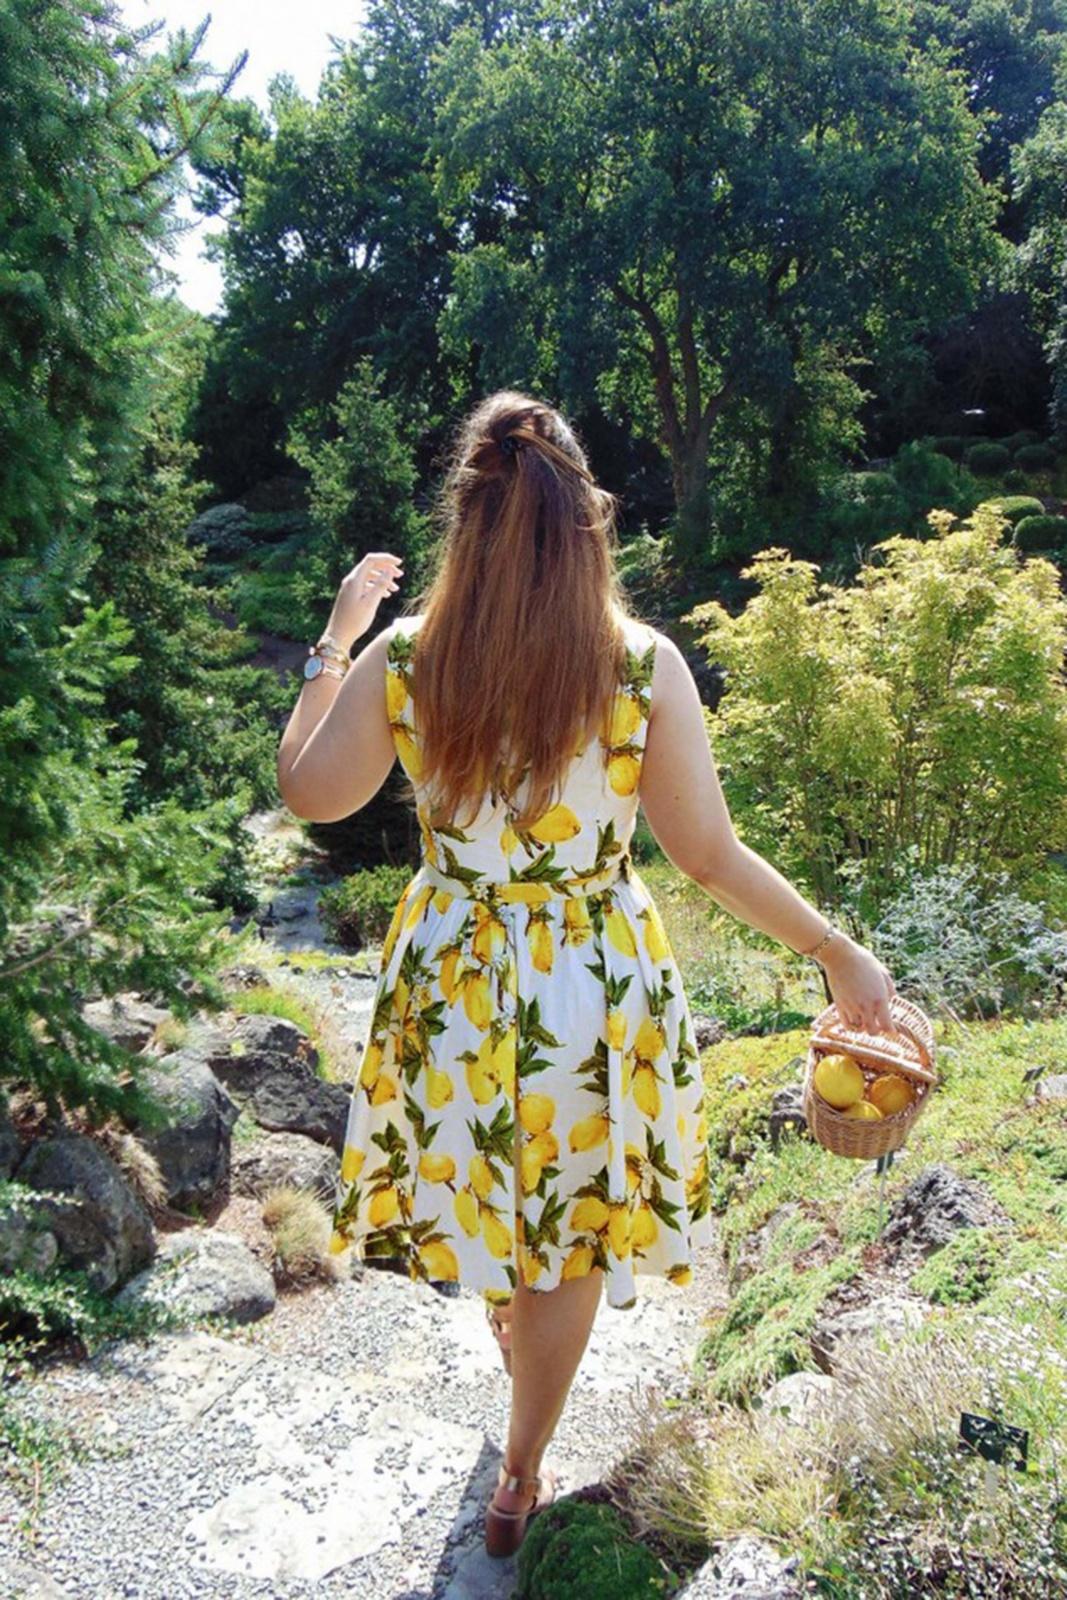 c8152bb614b32d WLindy Bop Audrey Lemon Print Swing Dress 102 59 21213 20170301 0007webs